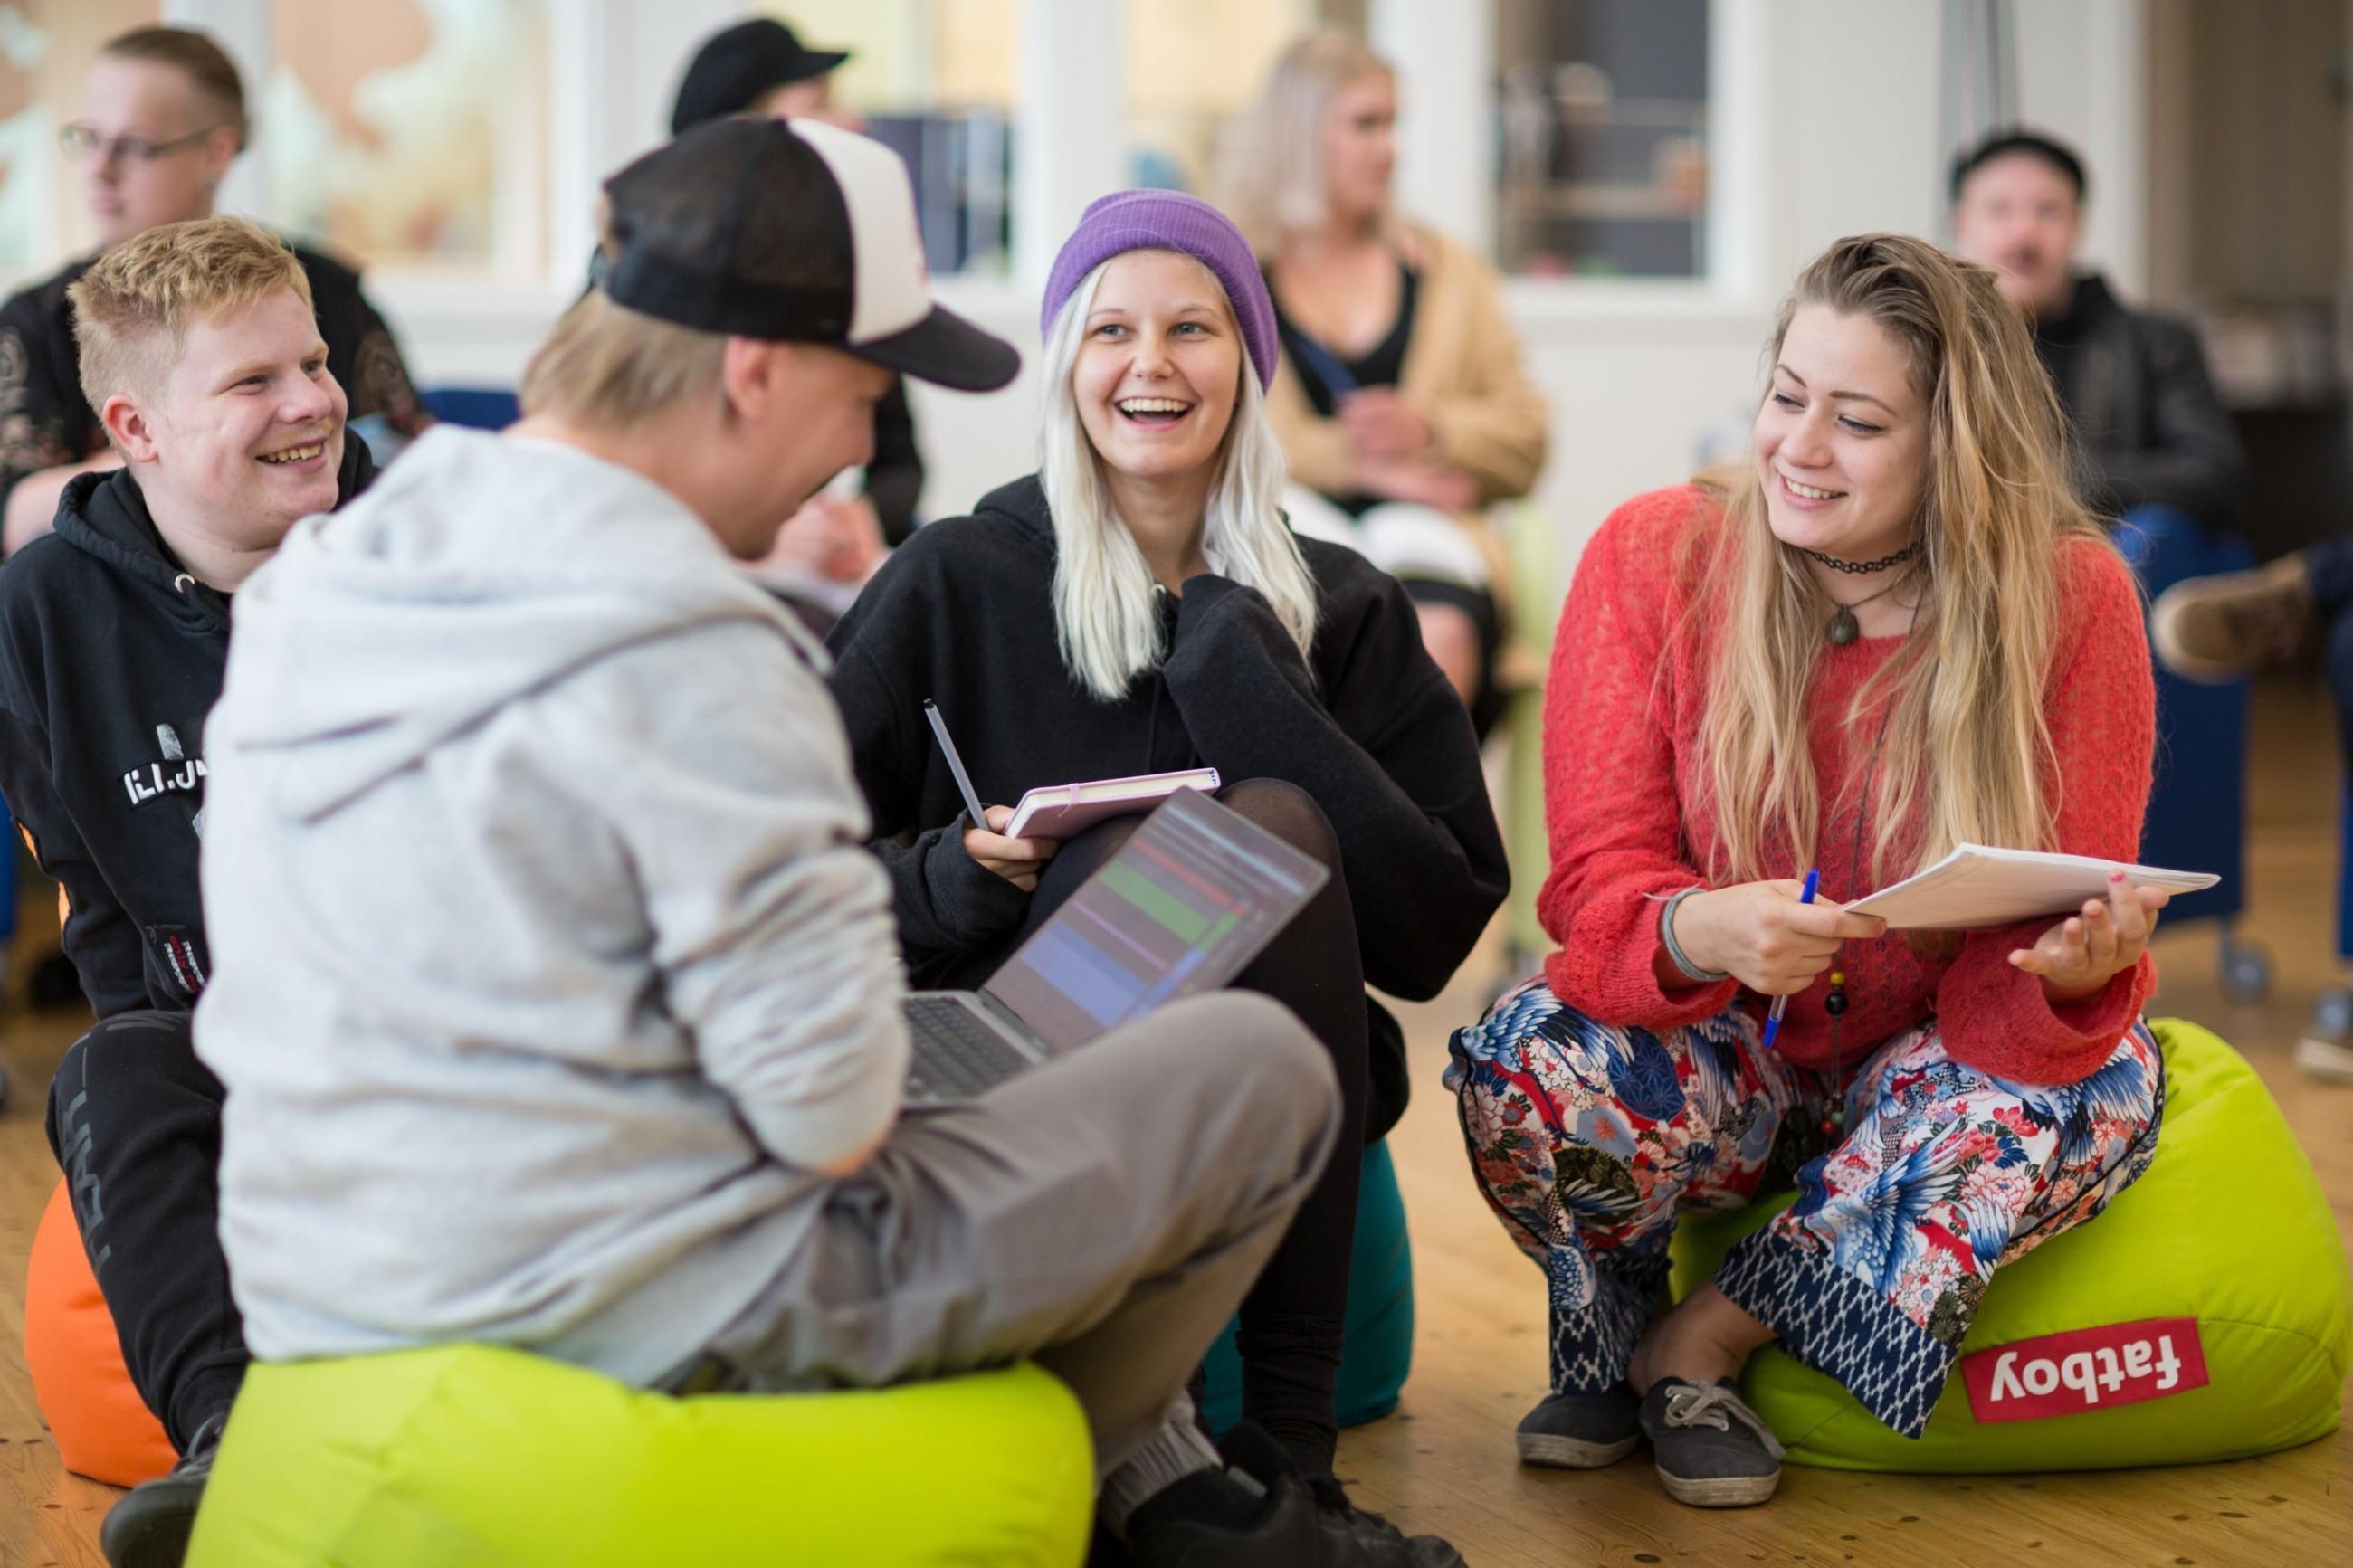 Neljä iloista opiskelijaa istuu säkkituoleilla, taustalla näkyy lisää opiskelijoita.